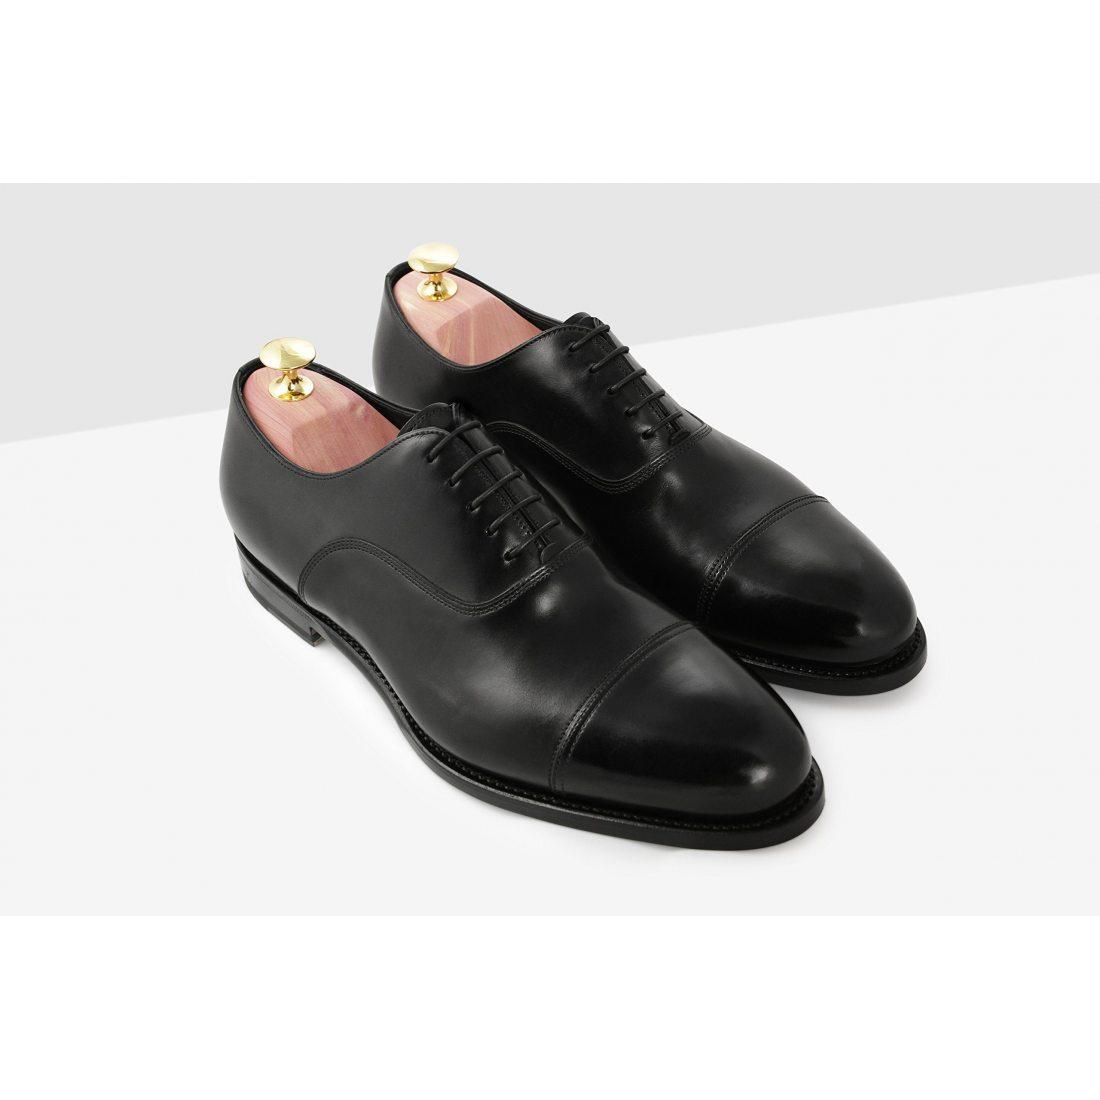 SCHLESINGER – Embauchoir de marque en bois de cèdre précieux pour hommes pour un entretien optimal des chaussures. Modèle « K